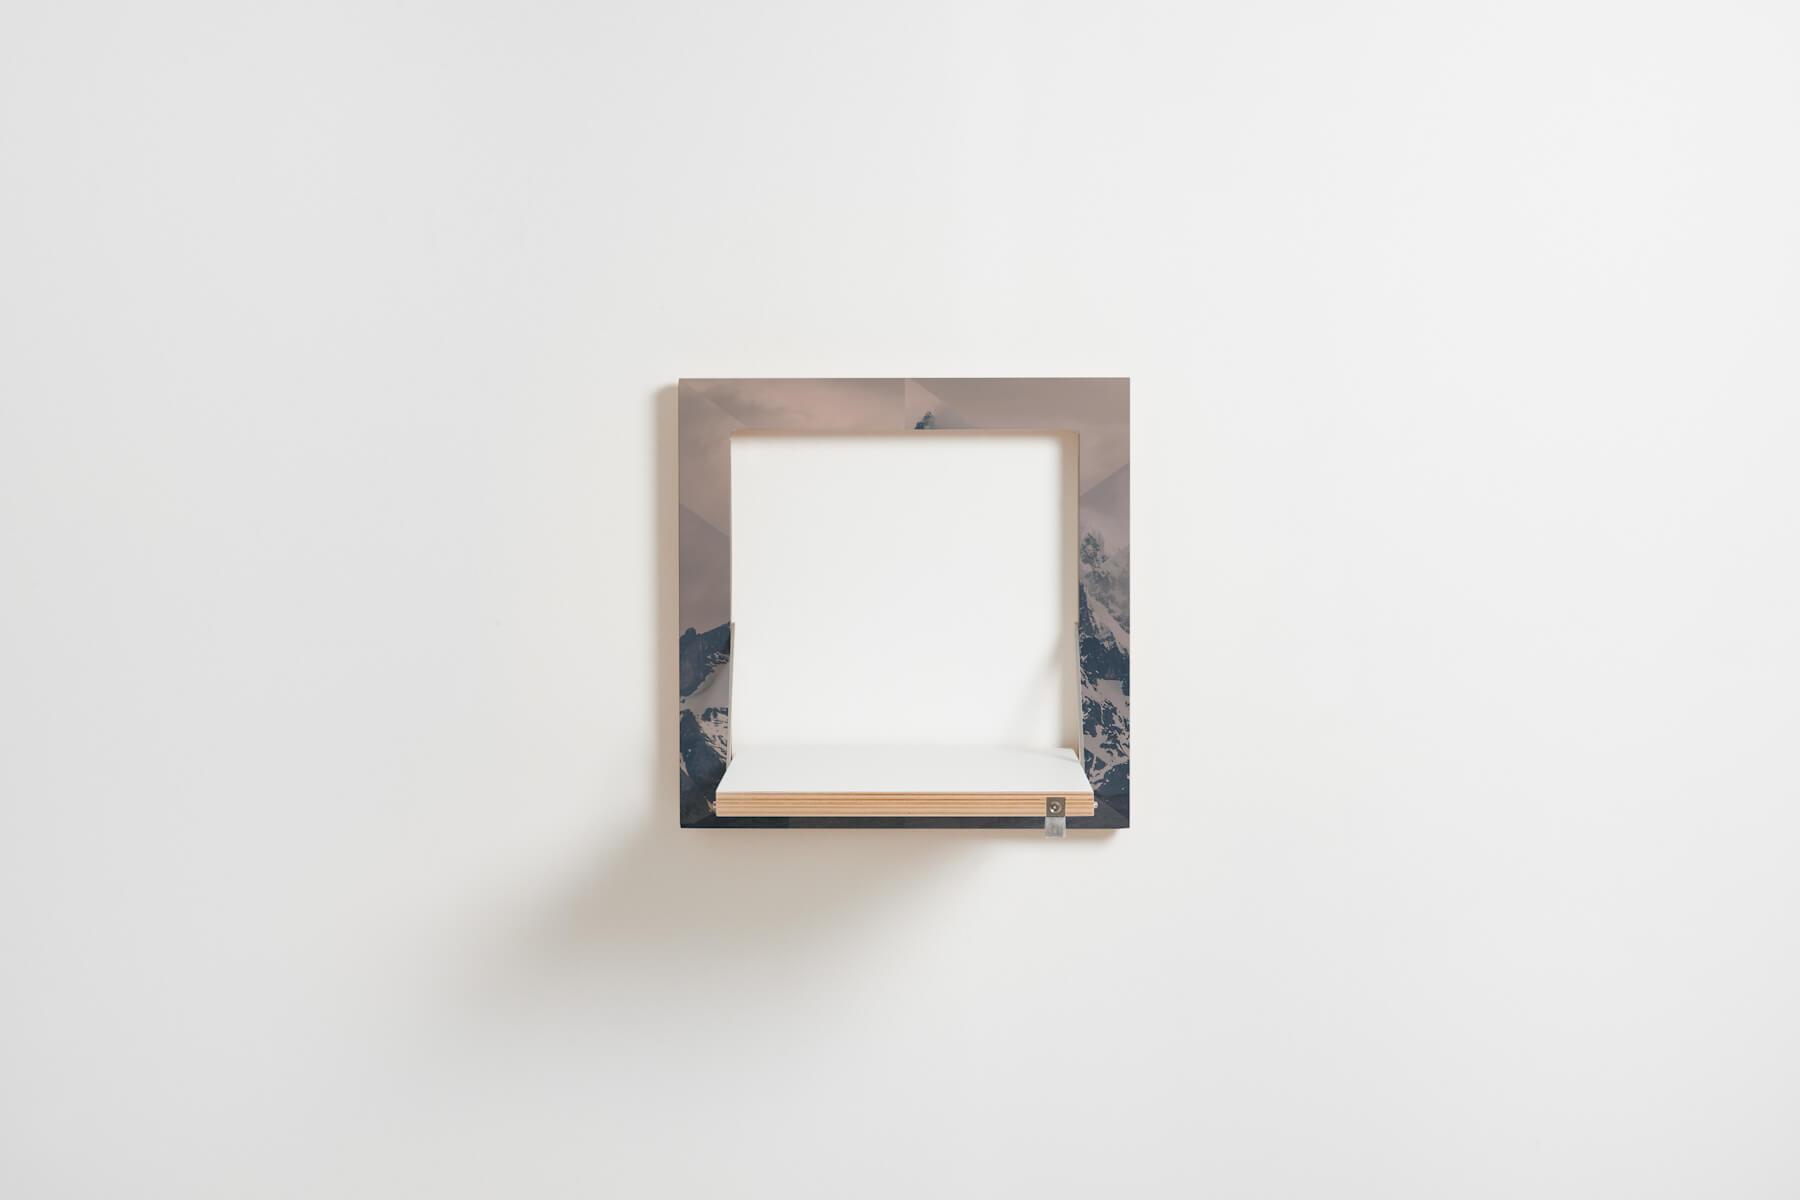 fl pps regal 40x40x1 von ambivalenz aus berlin. Black Bedroom Furniture Sets. Home Design Ideas